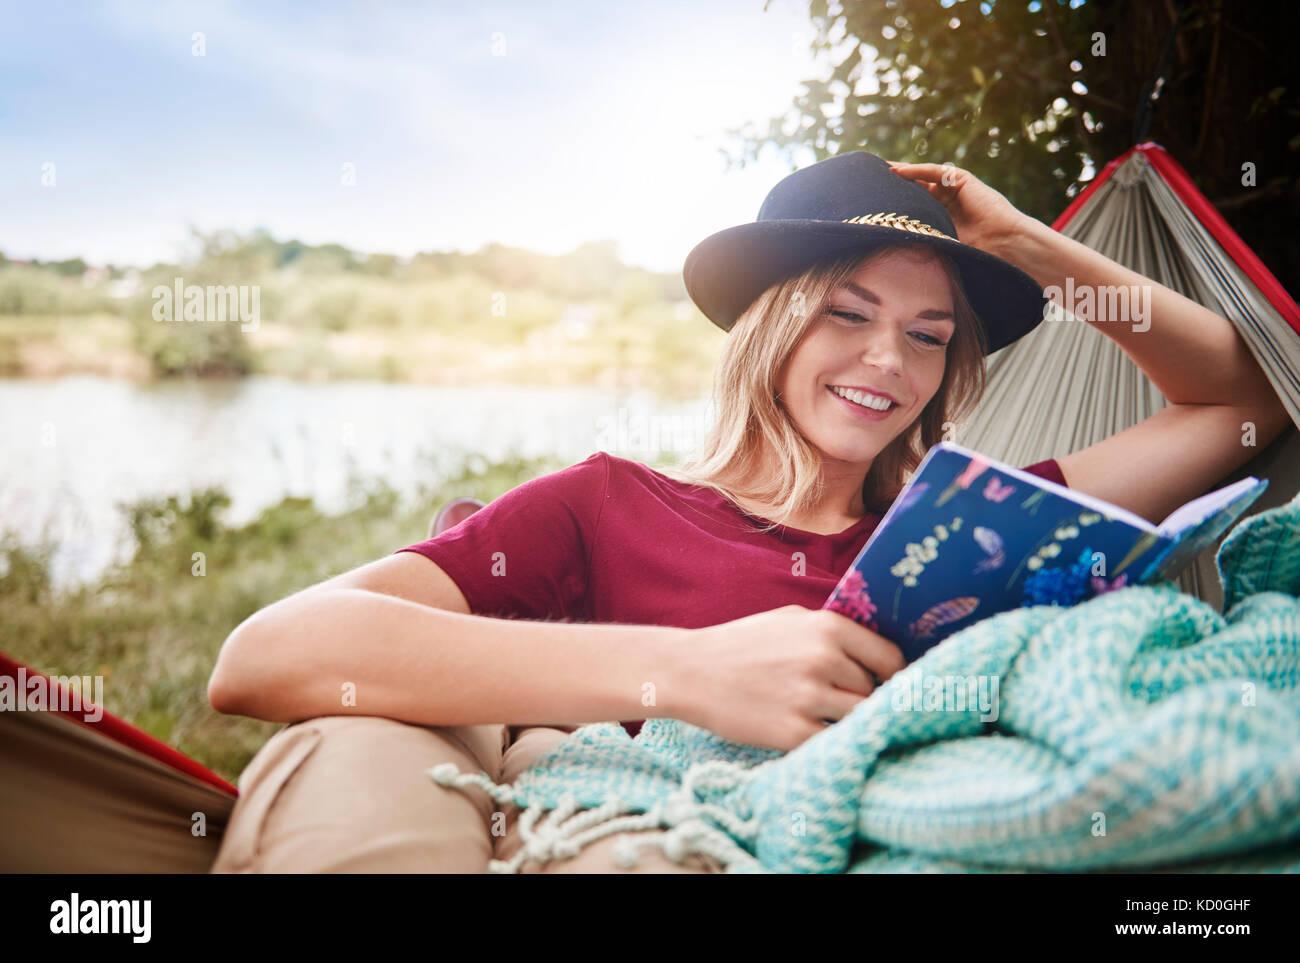 Donna rilassante amaca nel libro di lettura, Cracovia, malopolskie, Polonia, europa Immagini Stock